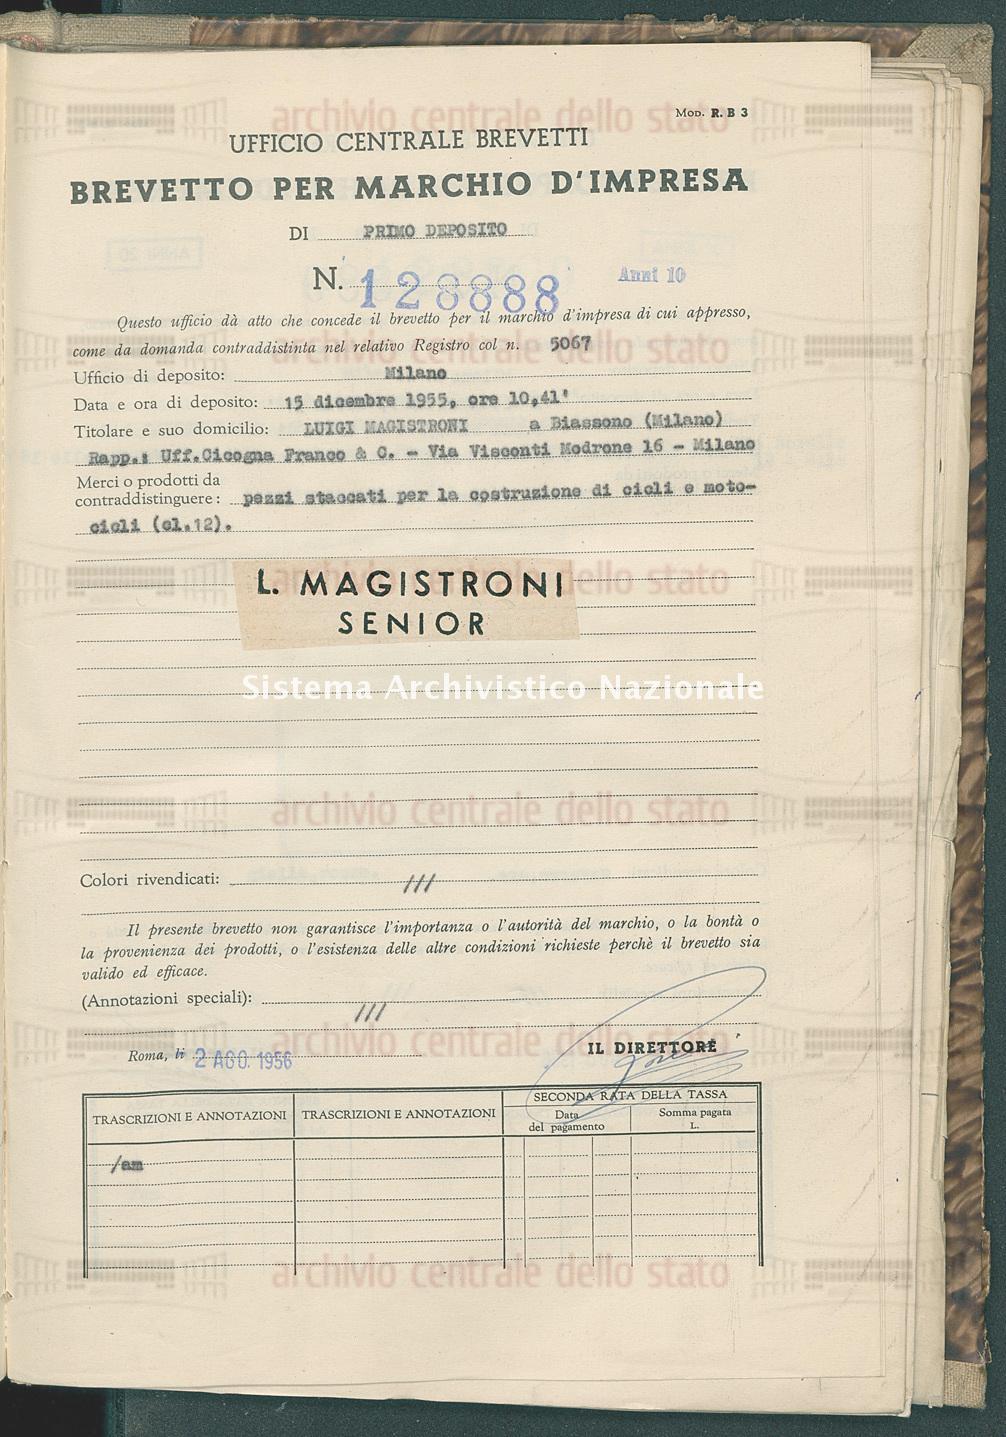 Luigi Magistroni (02/08/1956)